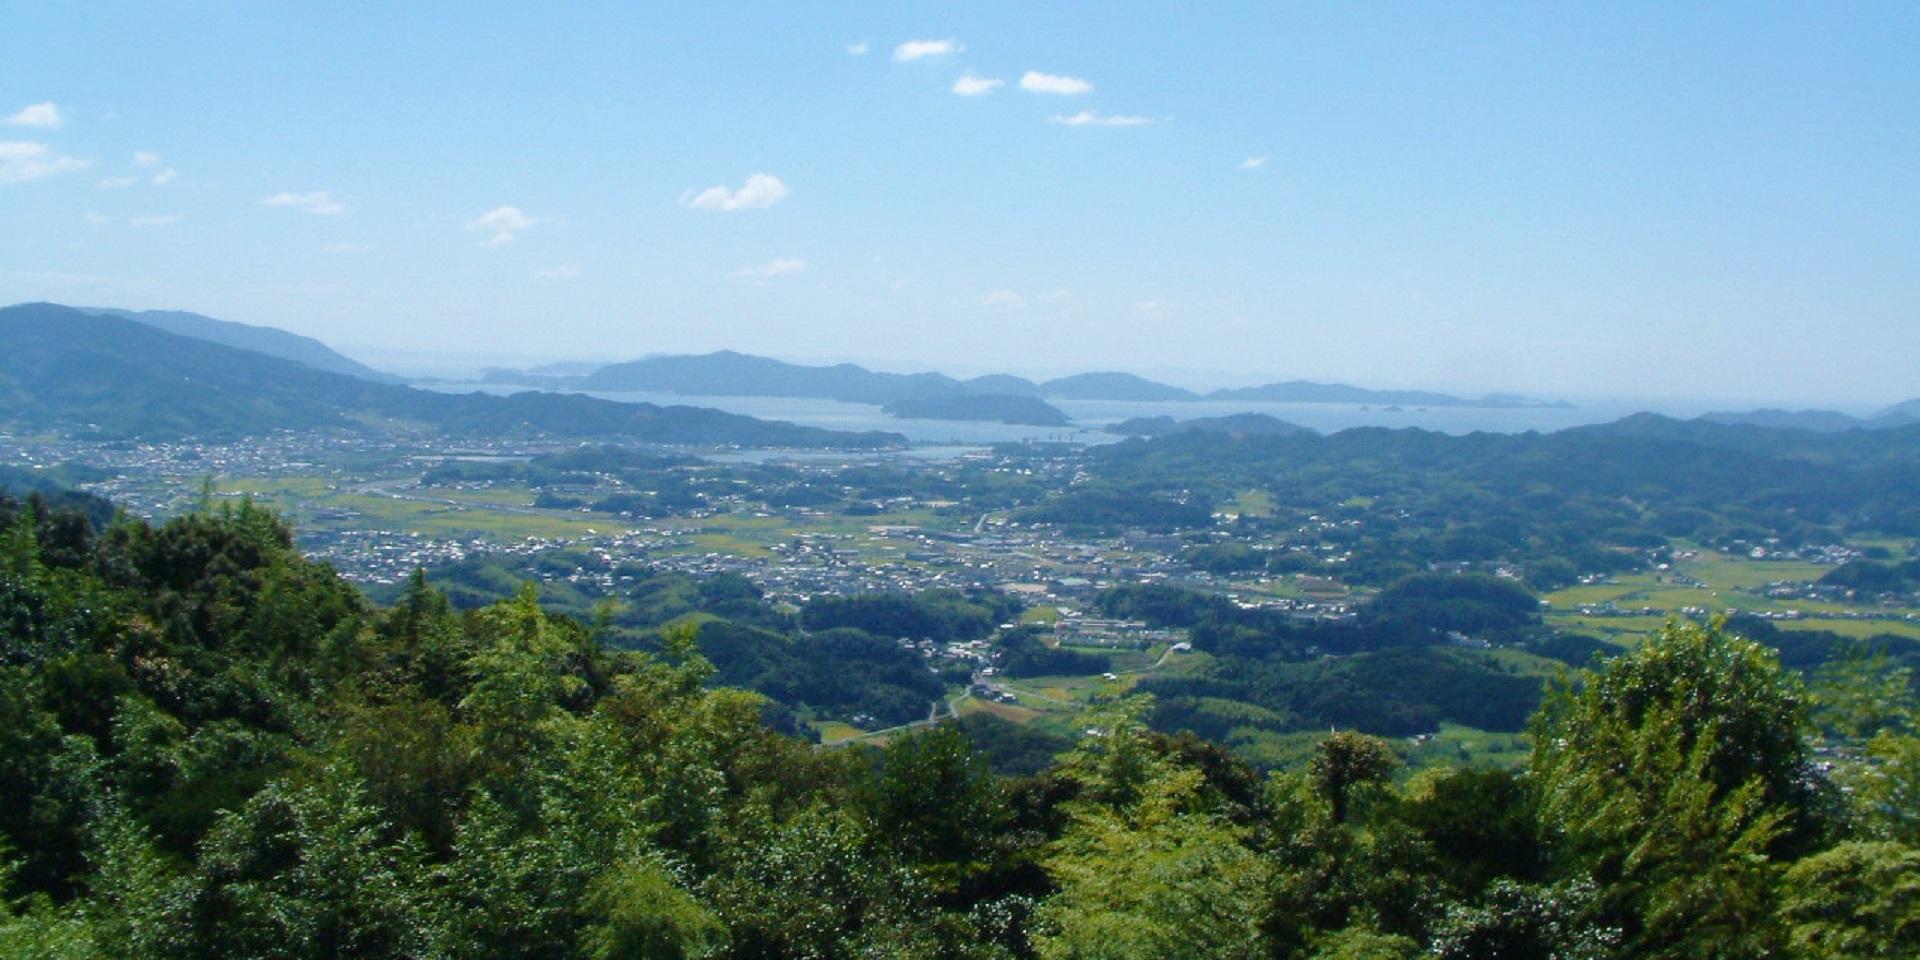 画像:石城山県立自然公園